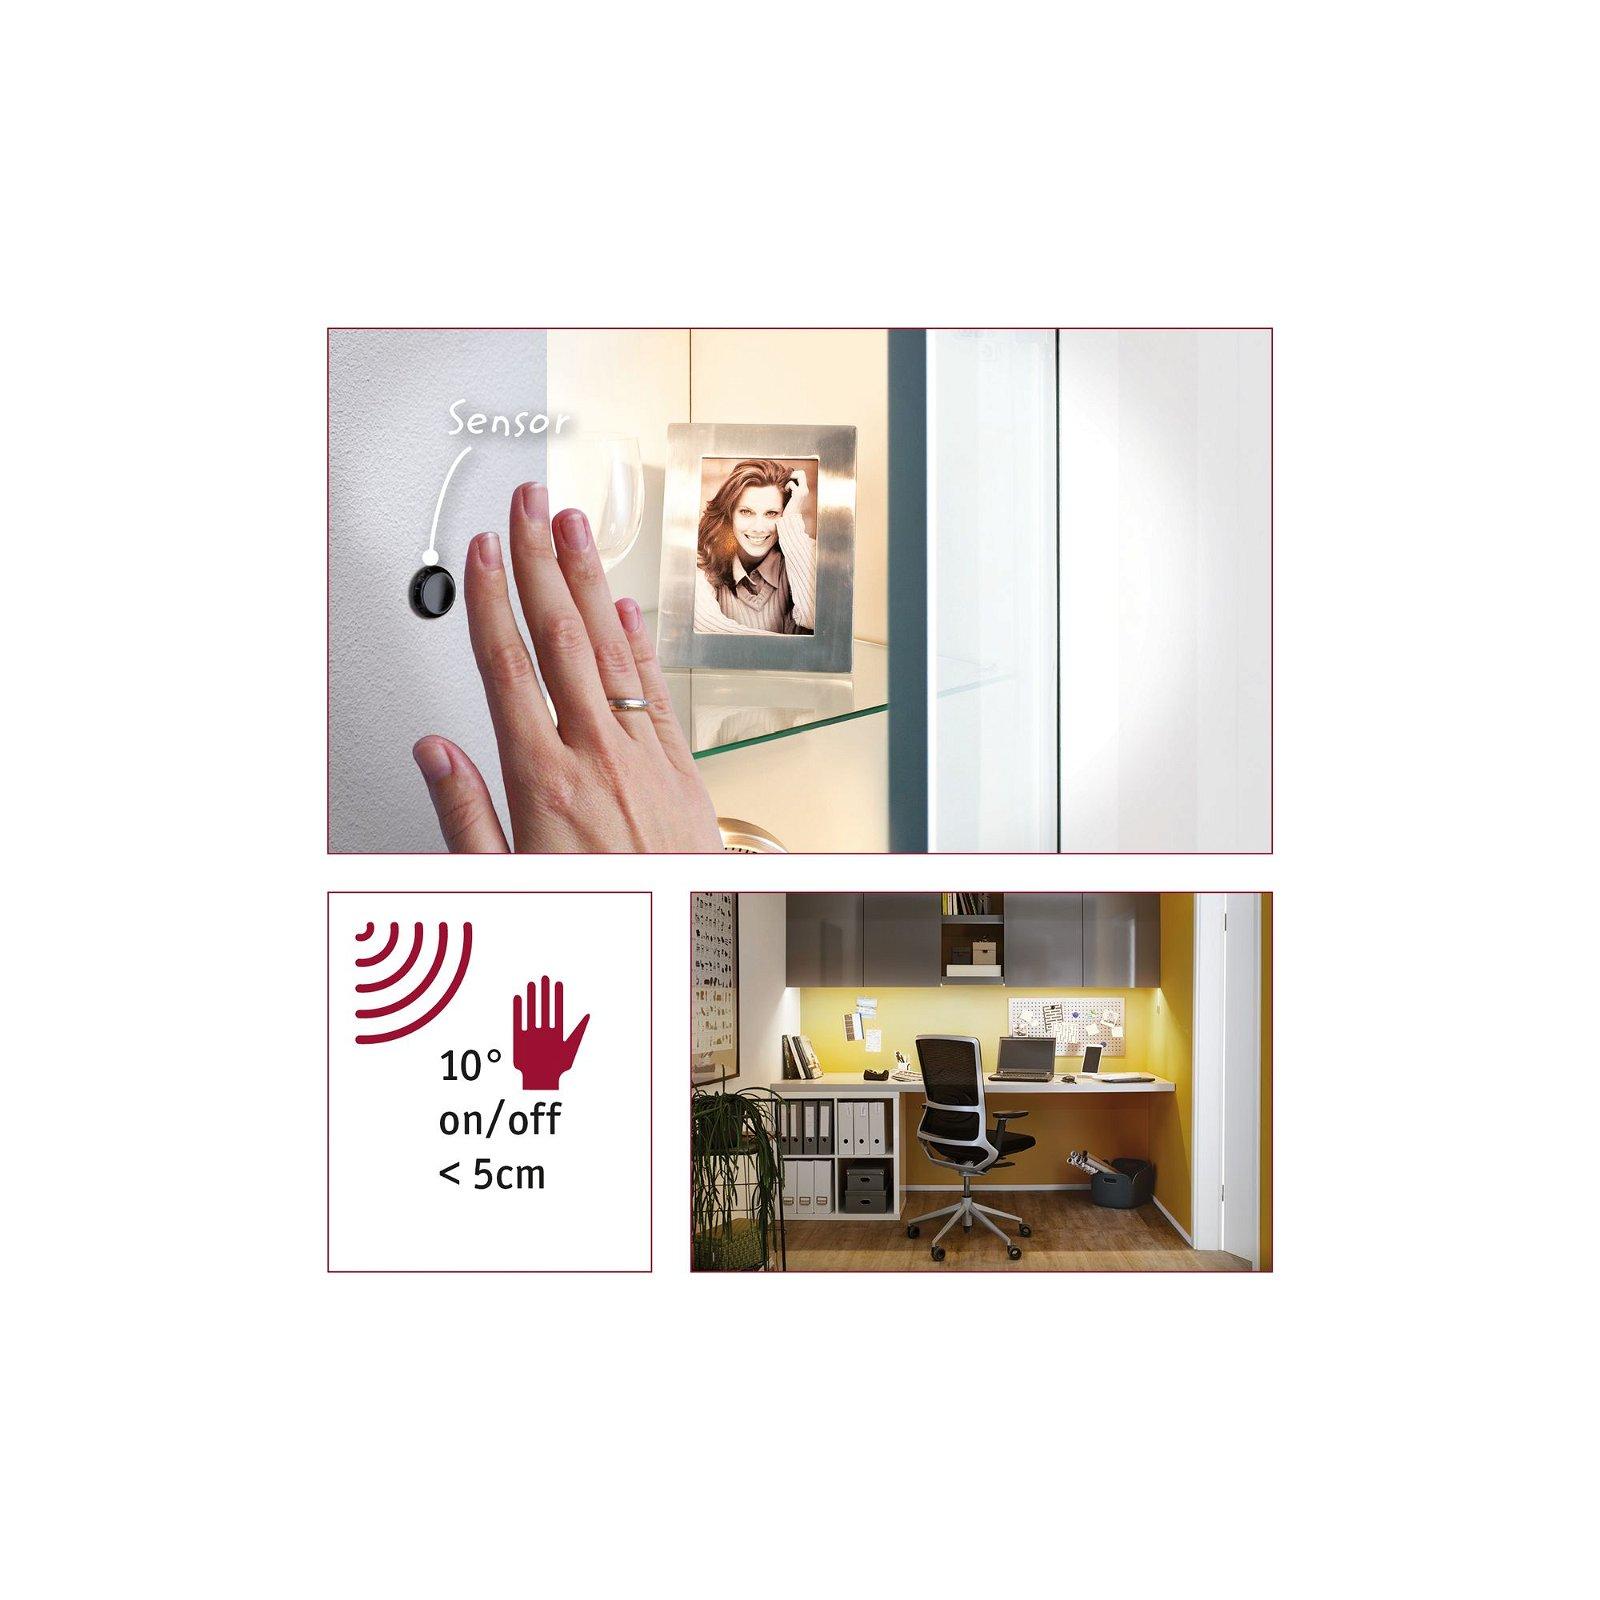 YourLED Sensor Switch 230V max. 60W Weiß